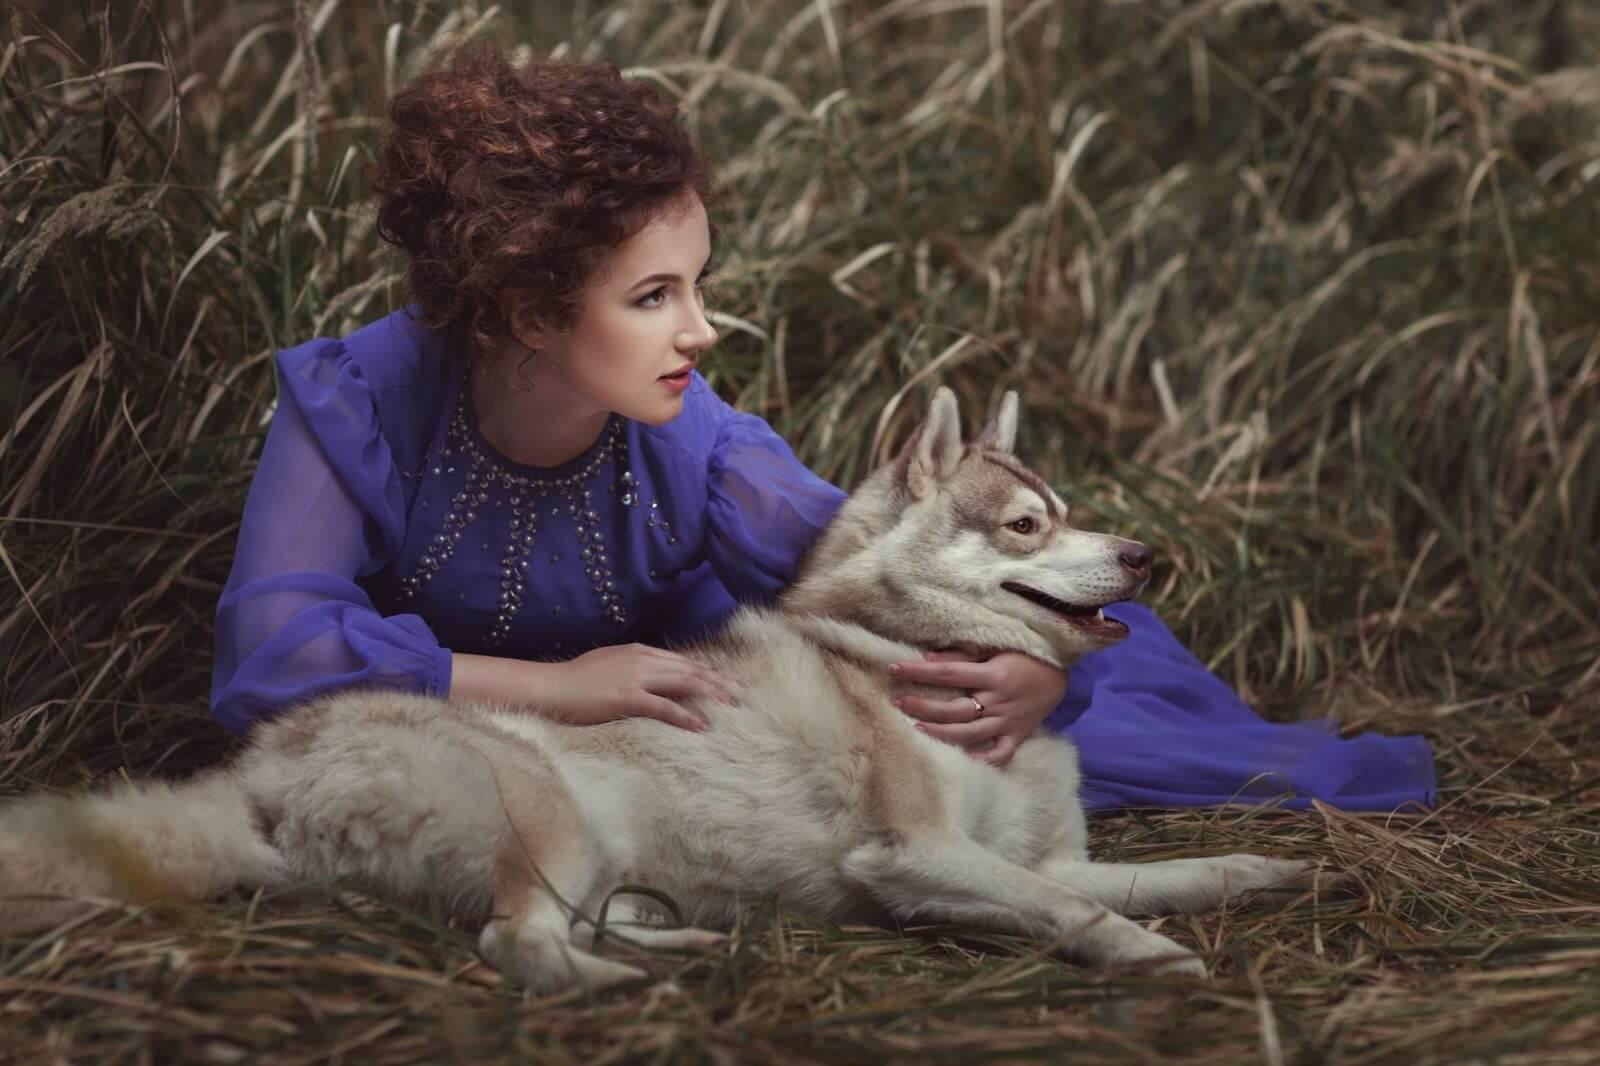 mujer salvaje corre con lobos